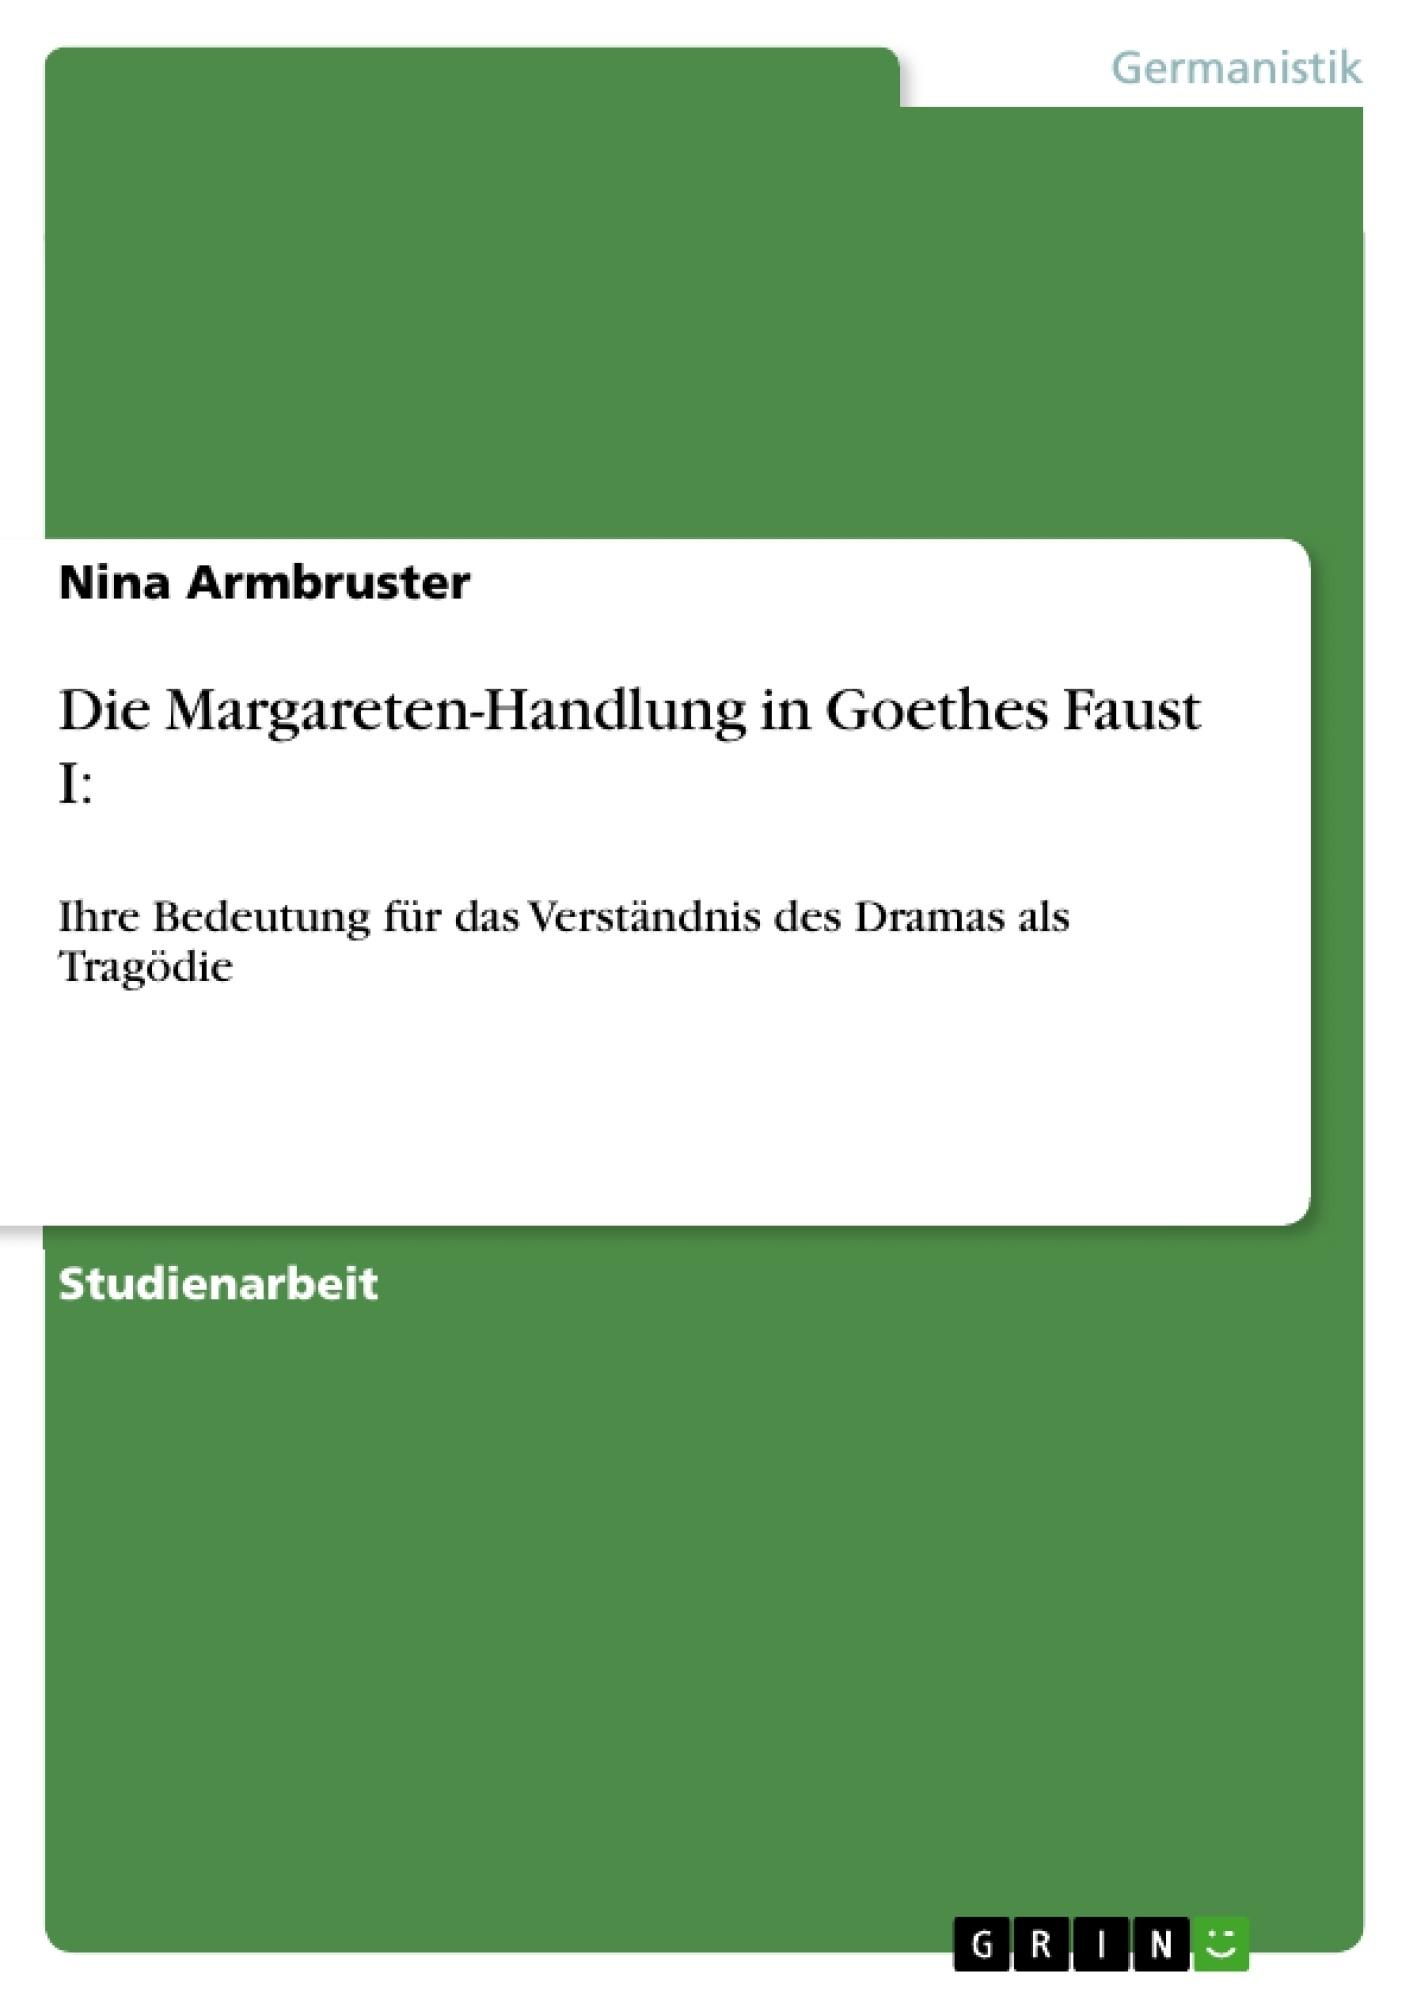 Titel: Die Margareten-Handlung in Goethes Faust I: